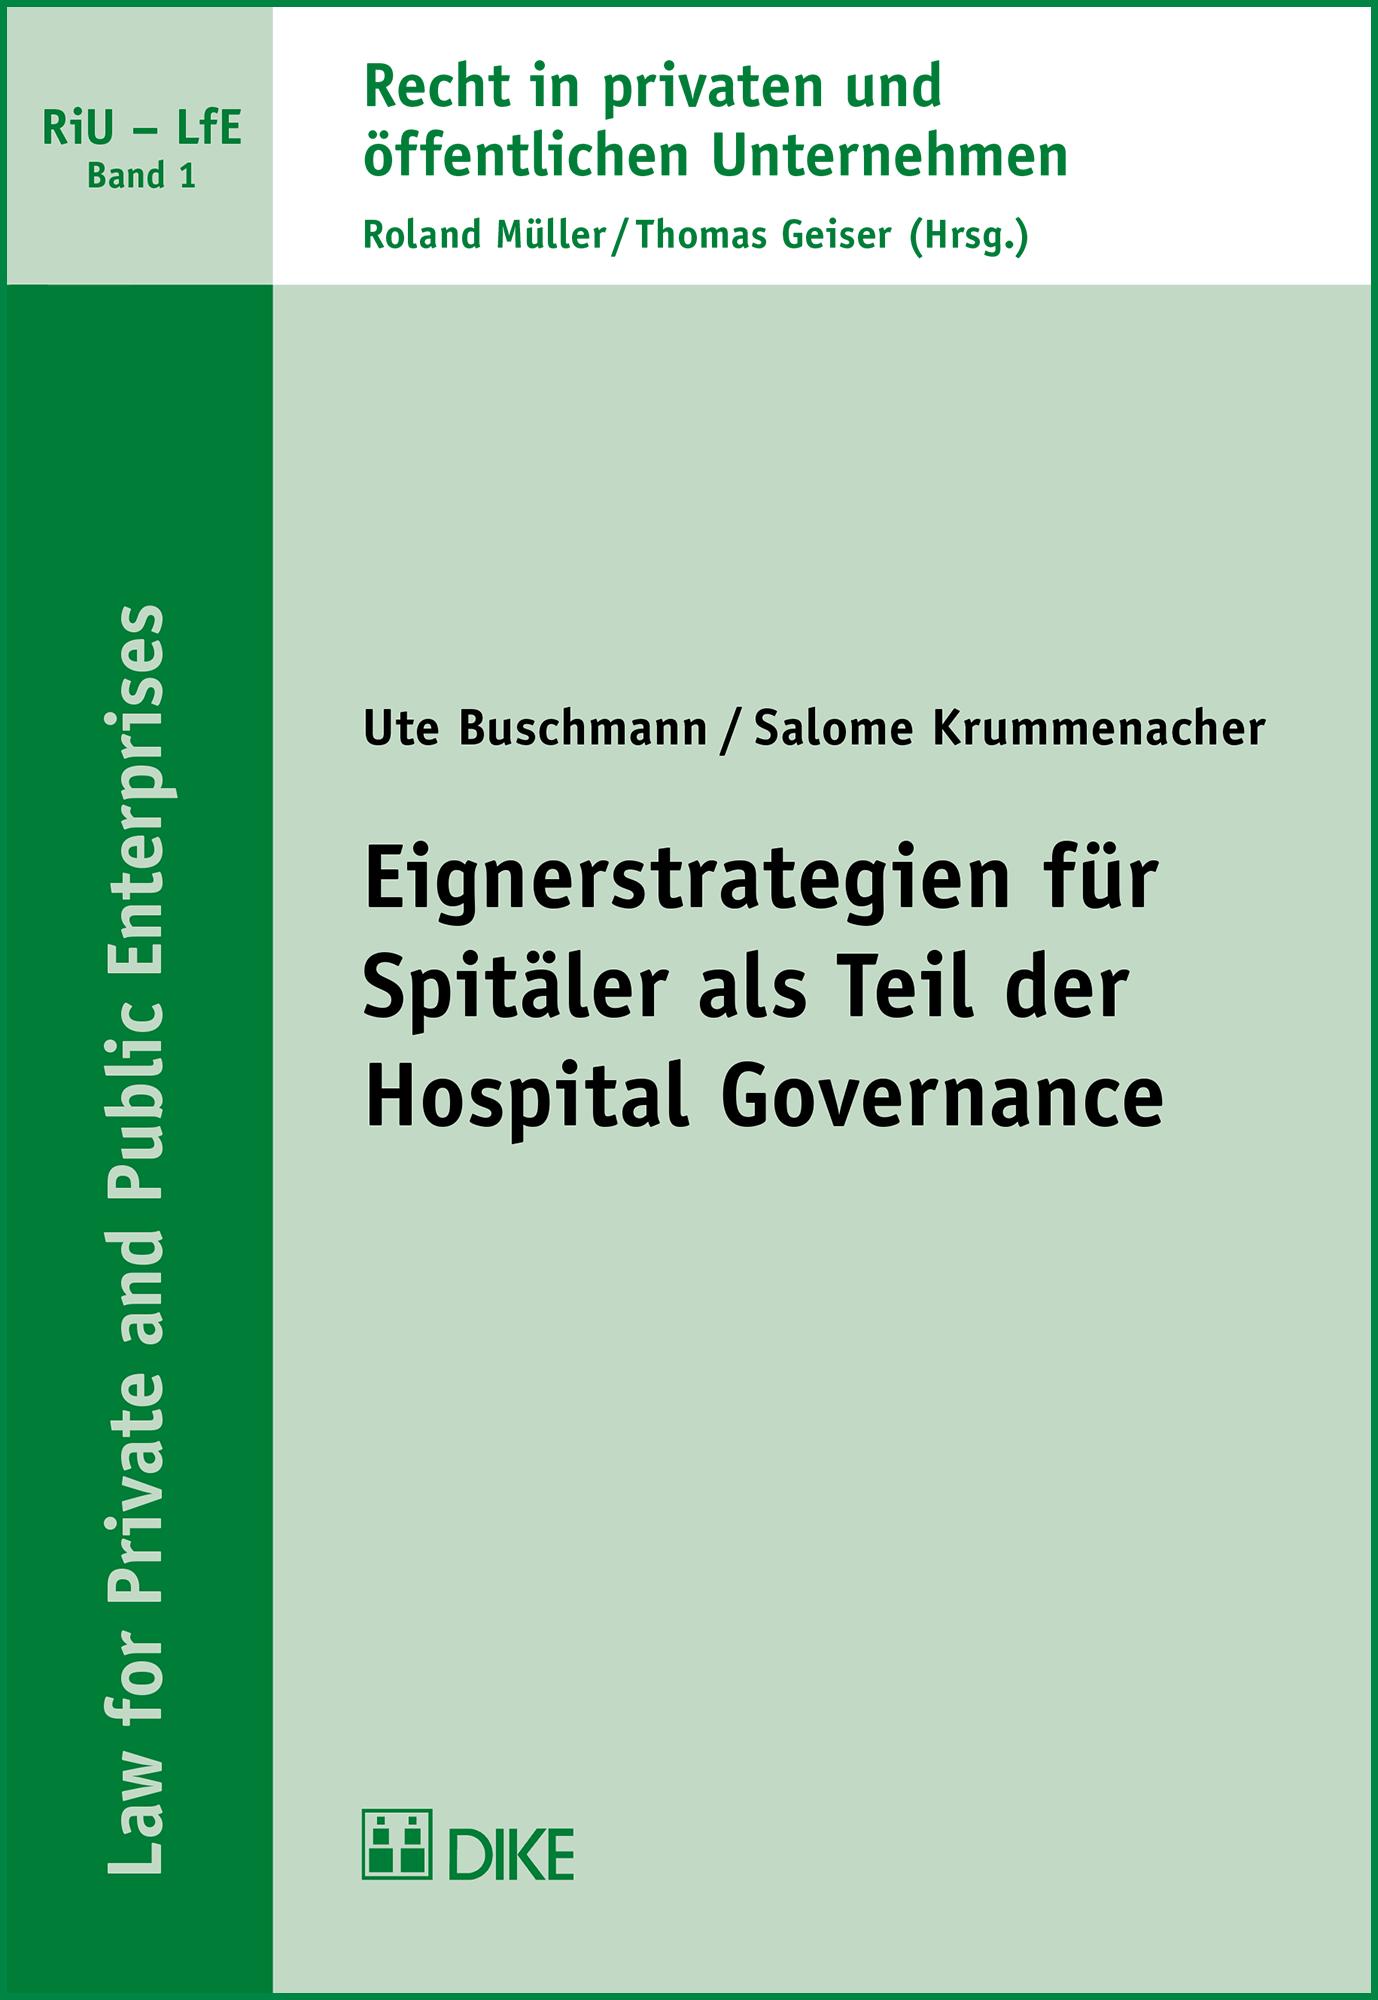 Eignerstrategien für Spitäler als Teil der Hospital Governance